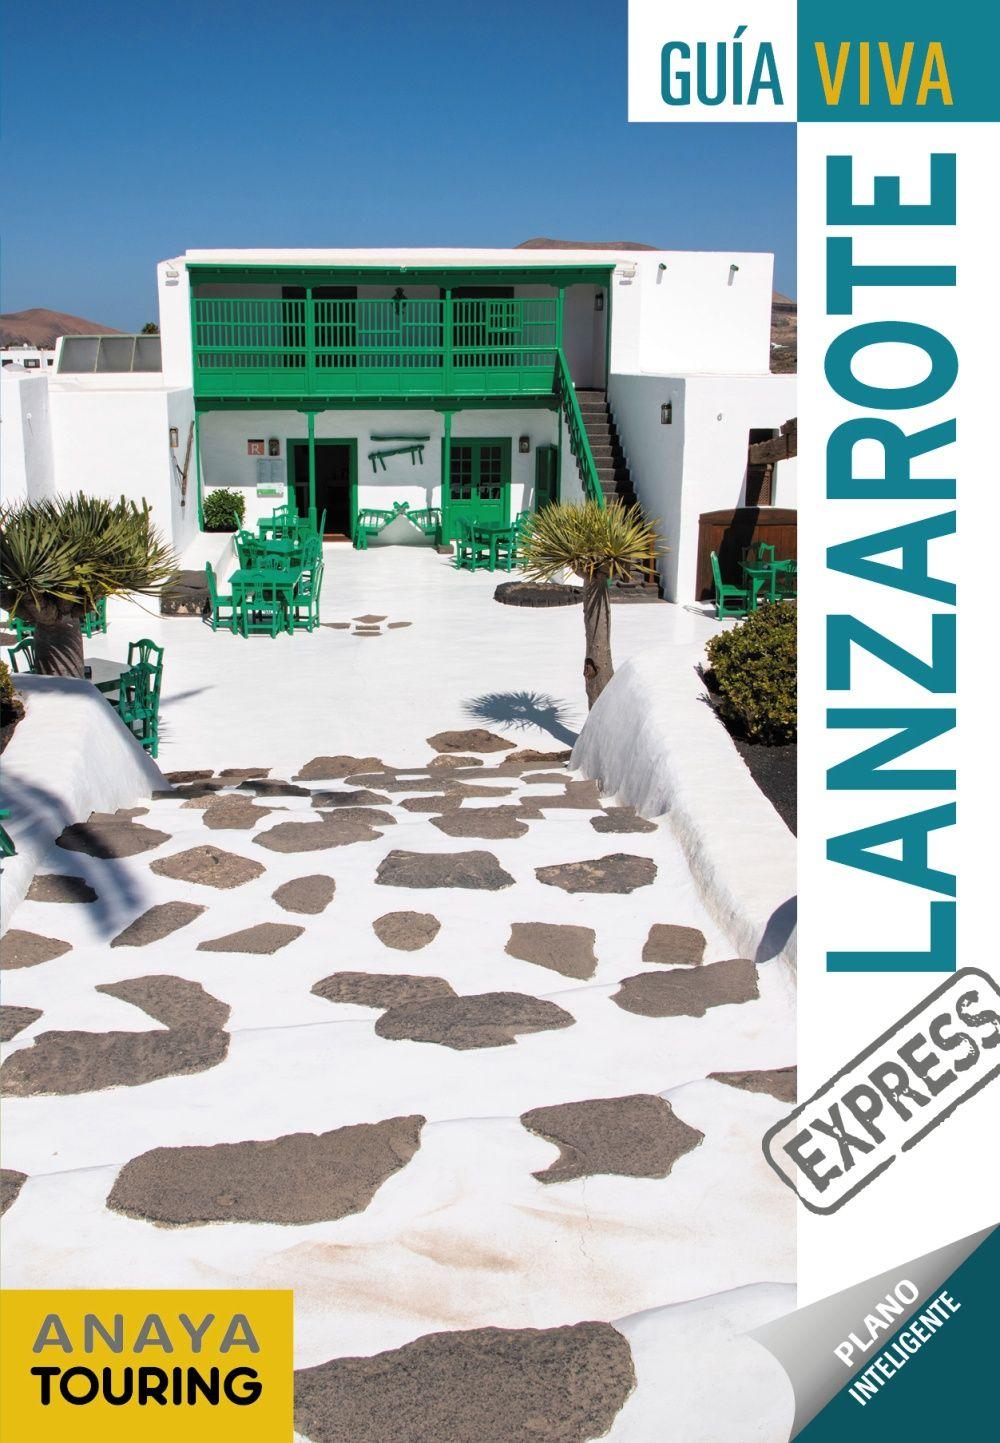 LANZAROTE GUIA VIVA EXPRESS